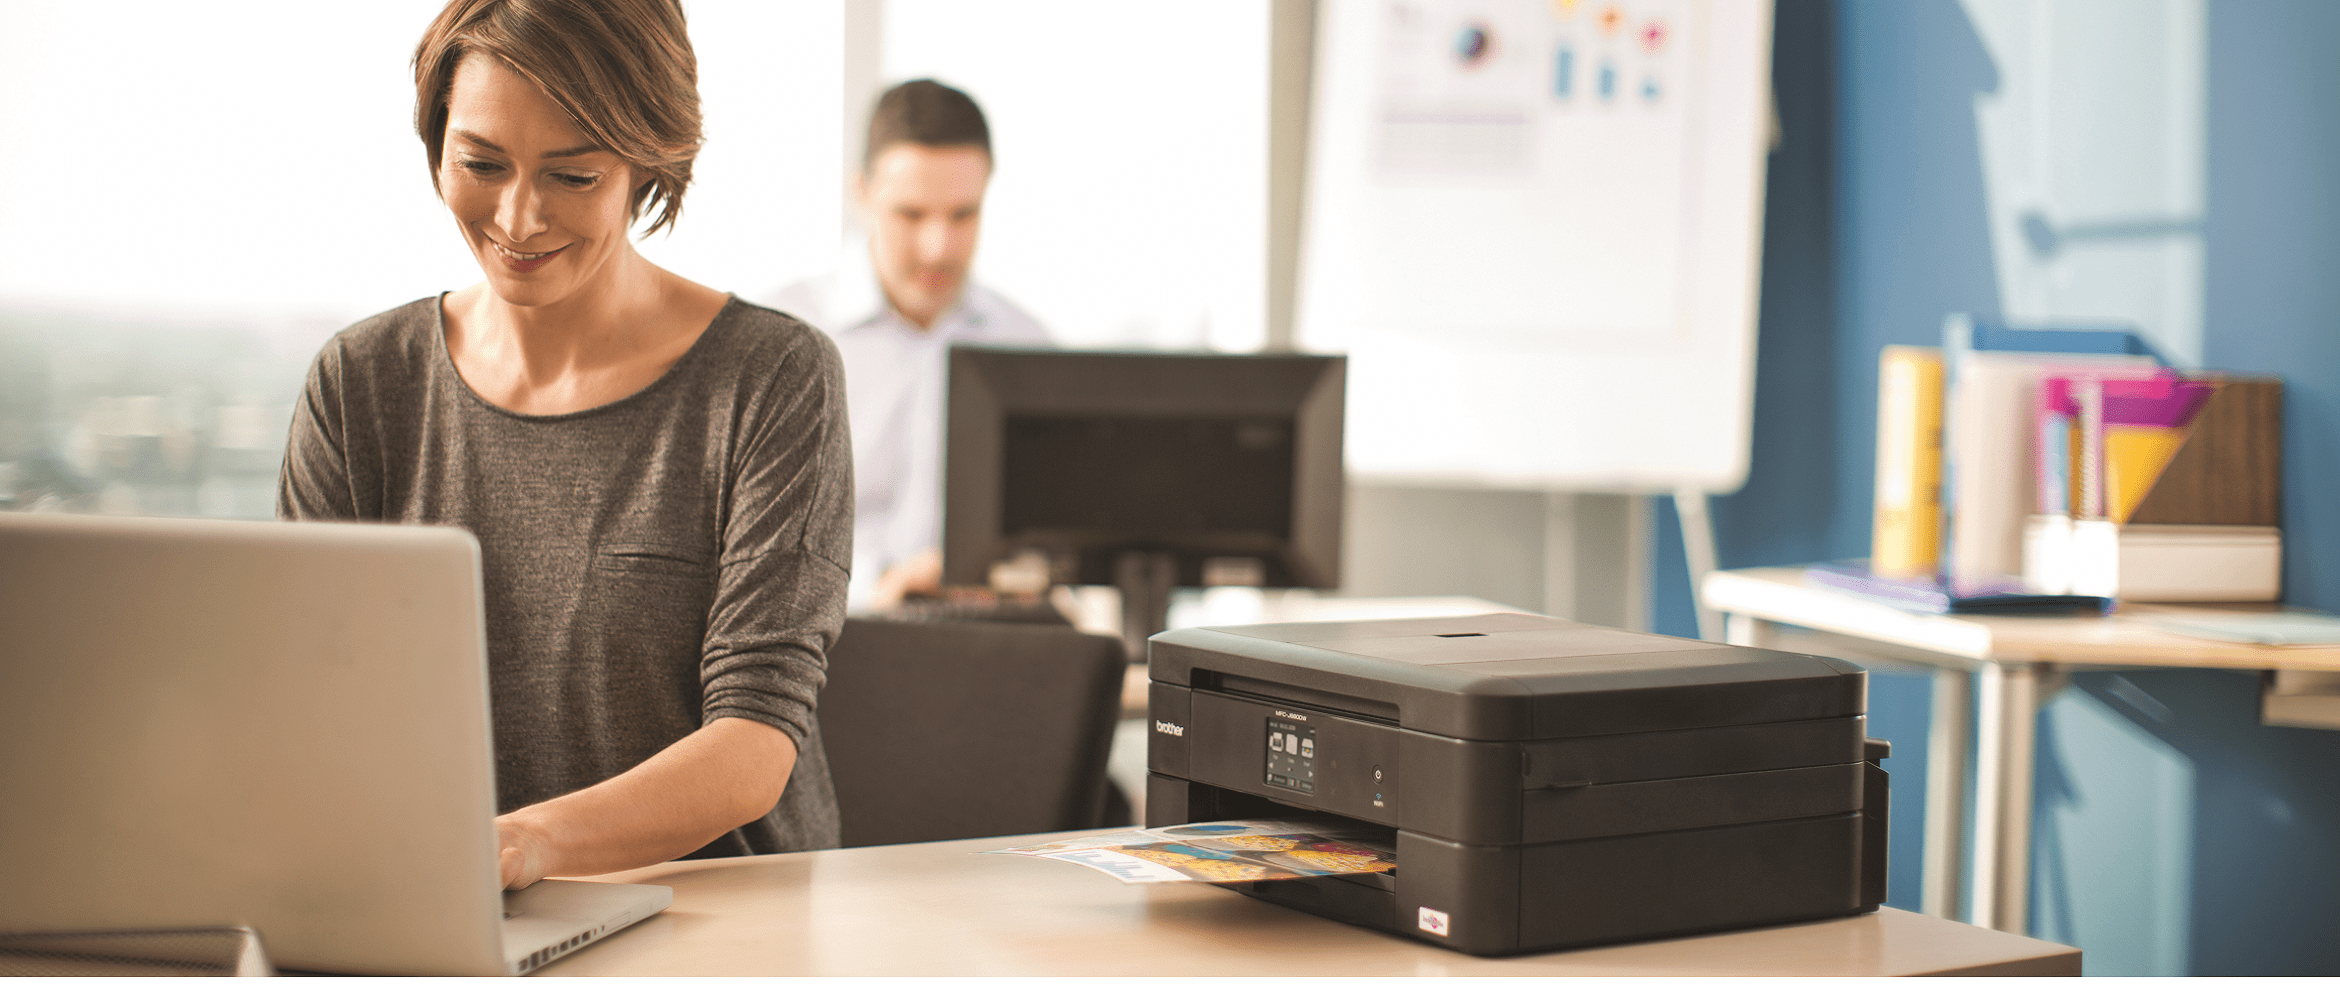 stampante all in one con ragazza che usa un computer portatile